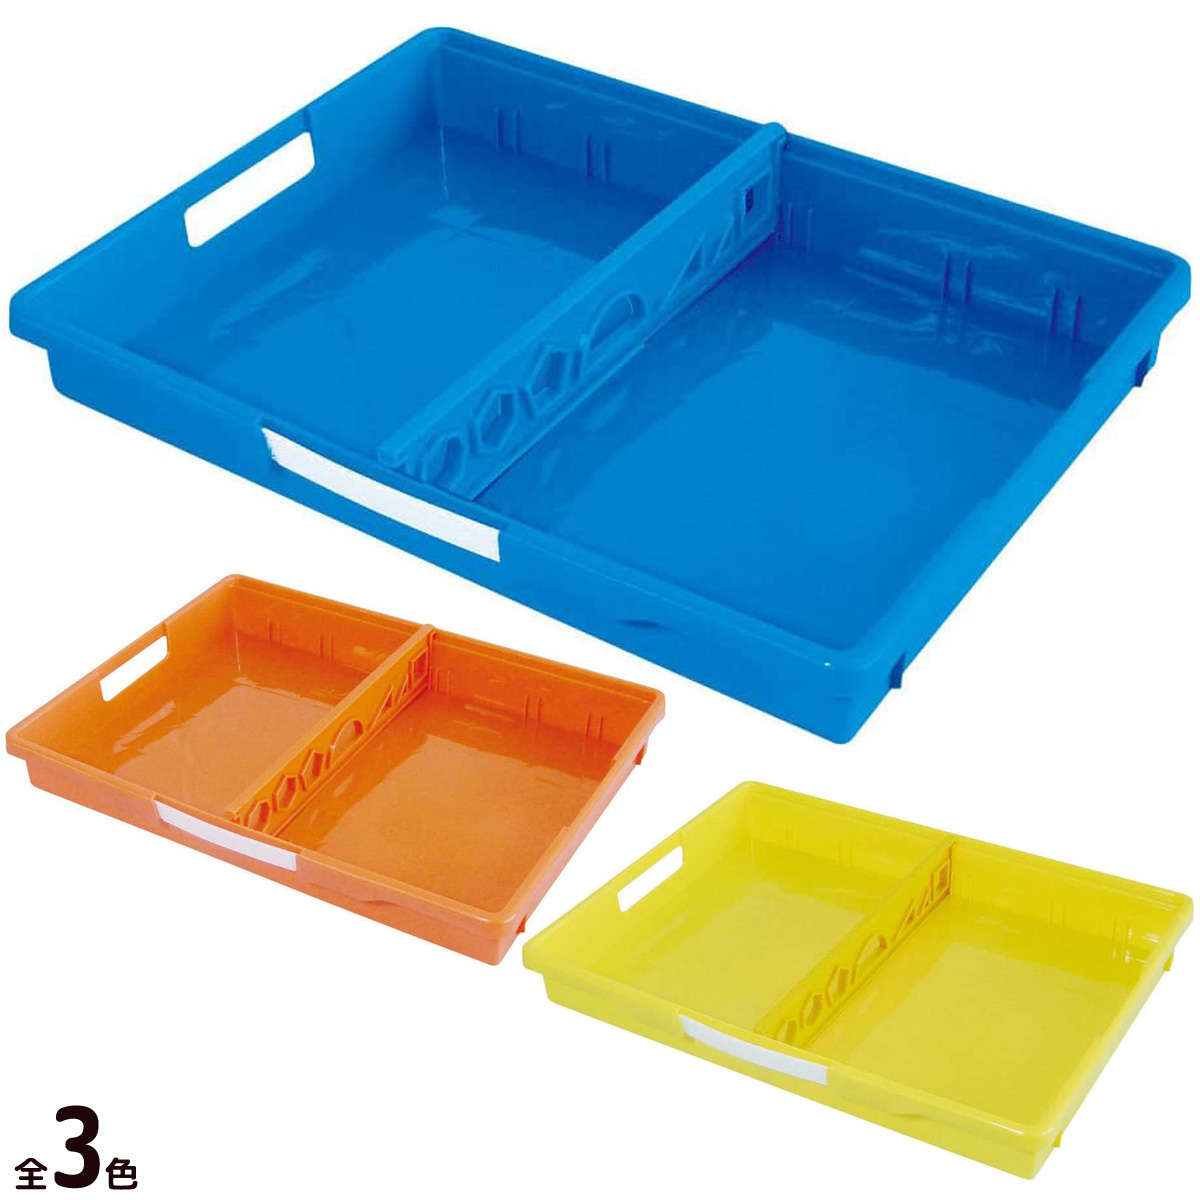 学校引き出し プラスチック A4対応 NW 仕切り 取っ手付き 机 小学生 お道具箱 収納 入学 小学校